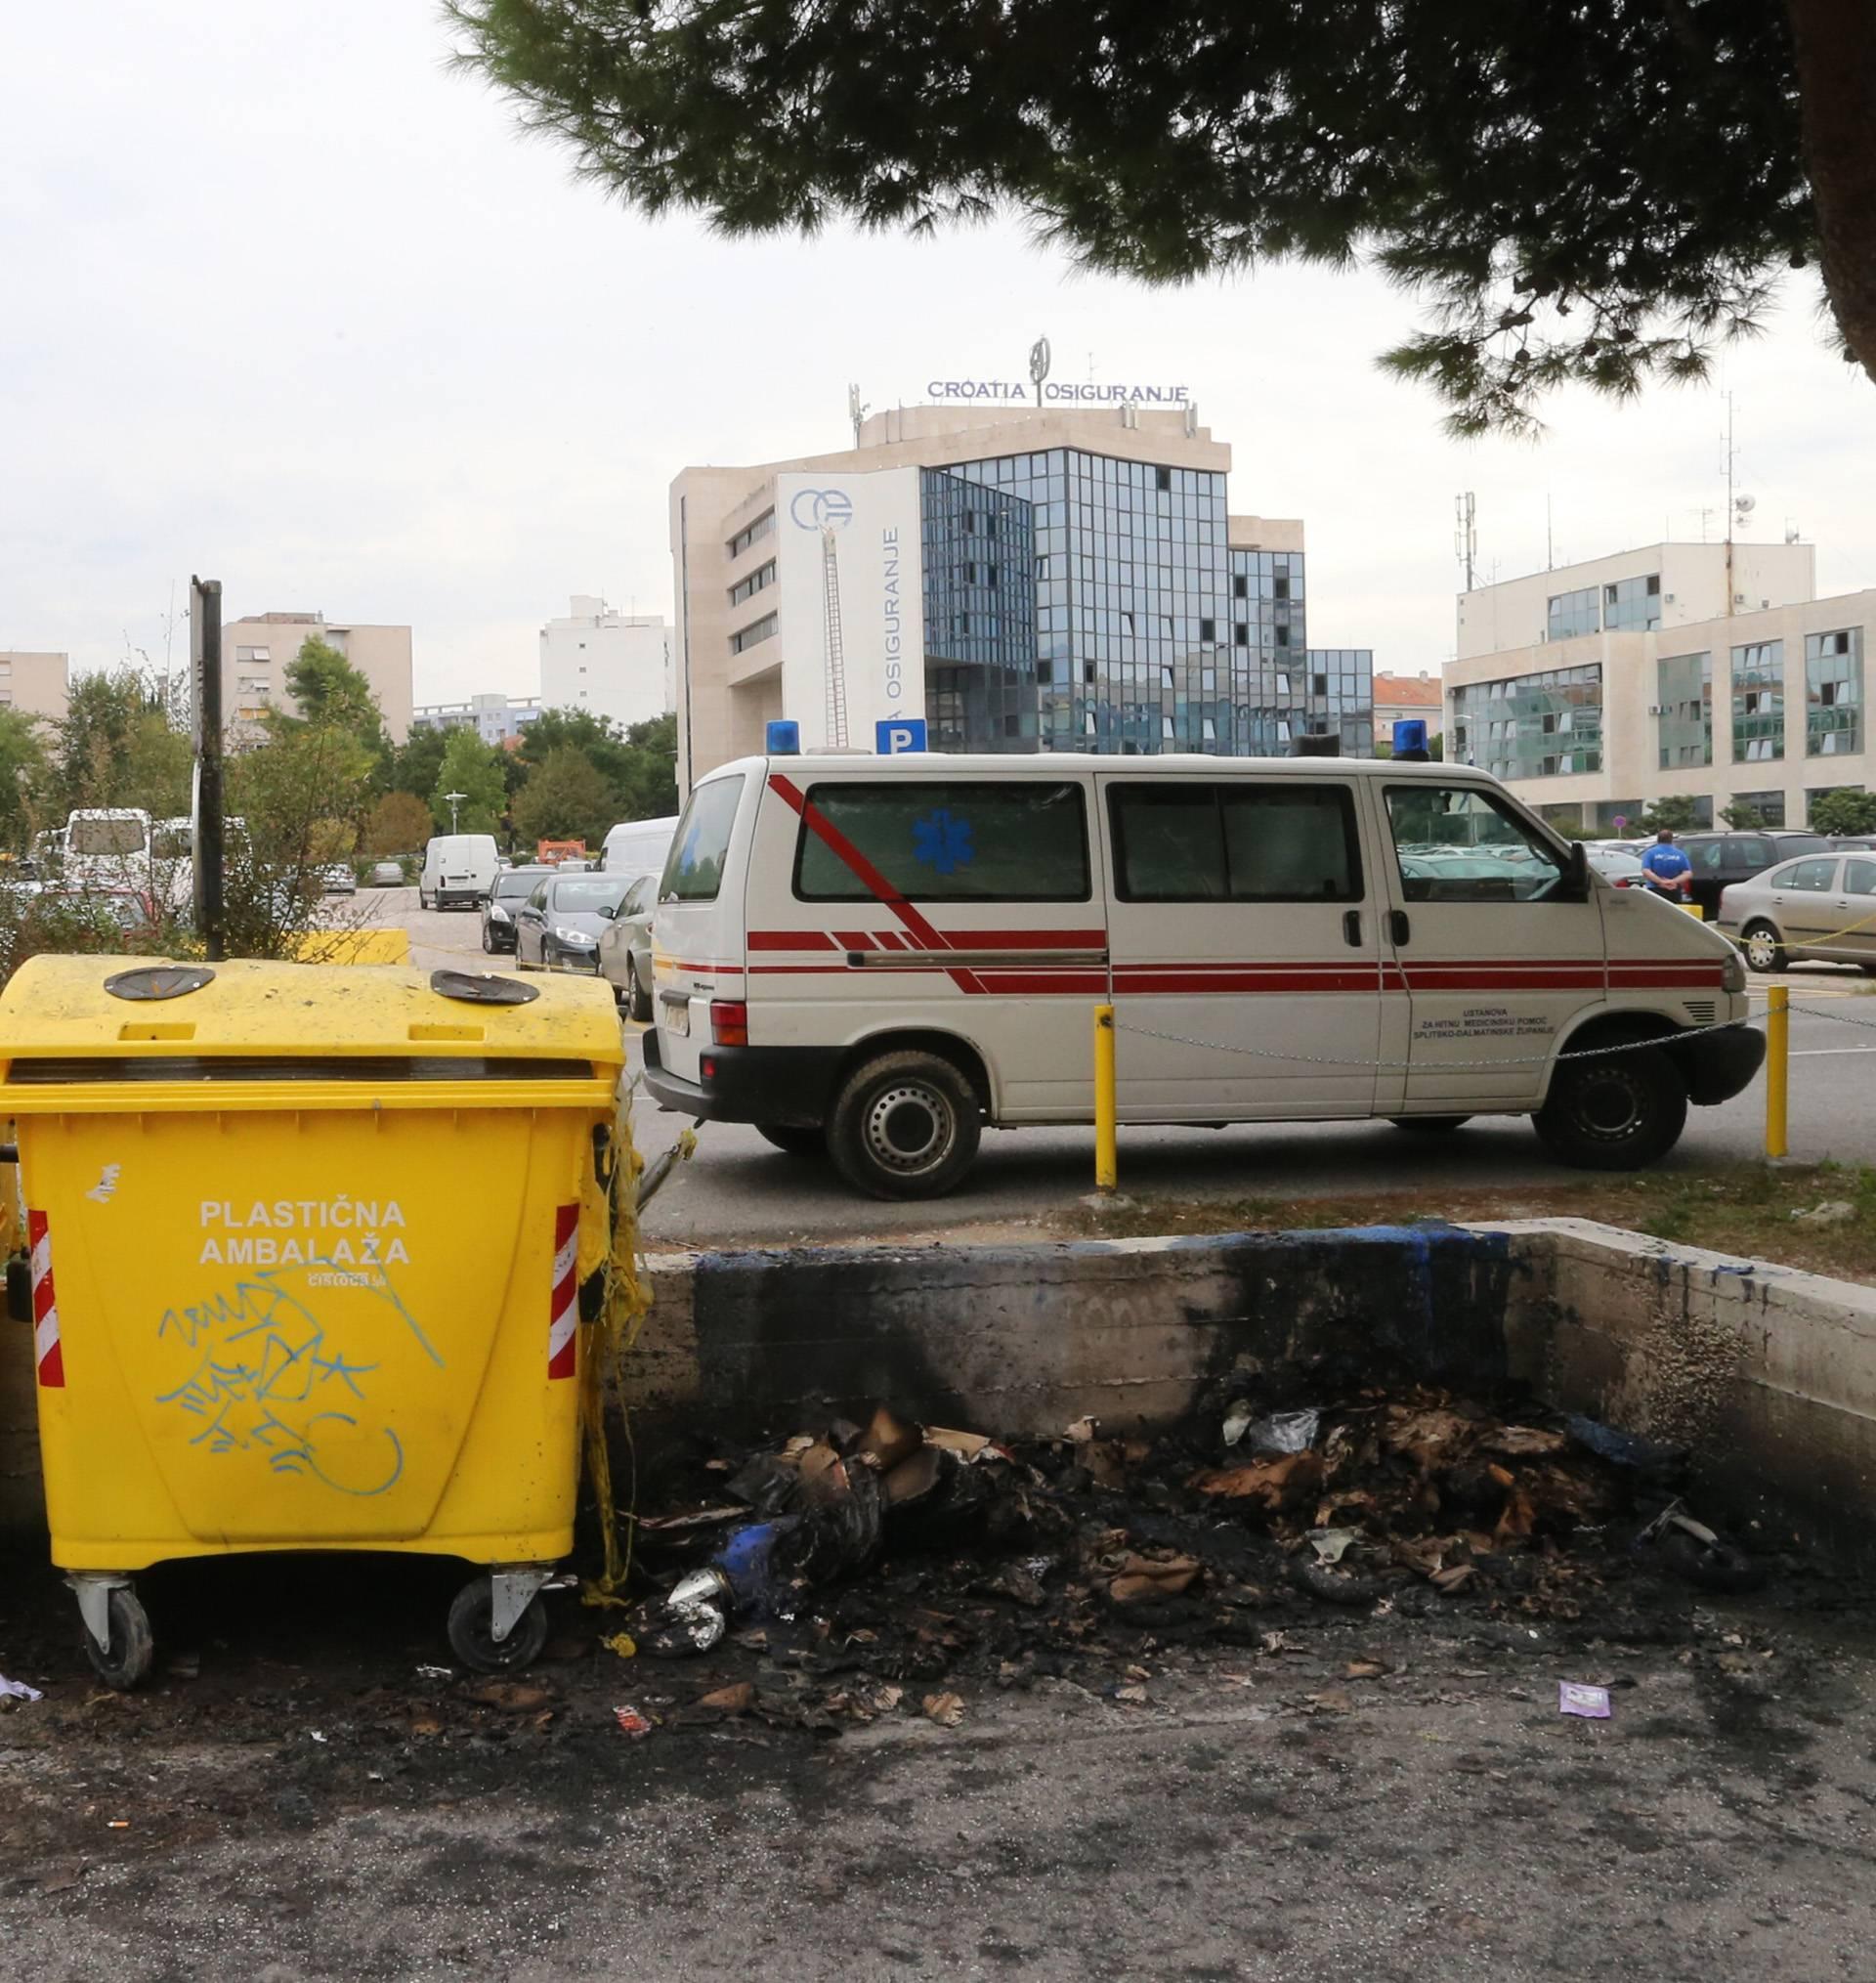 Što je ljudima? Na Badnjak u Splitu zapalili 24 kontejnera